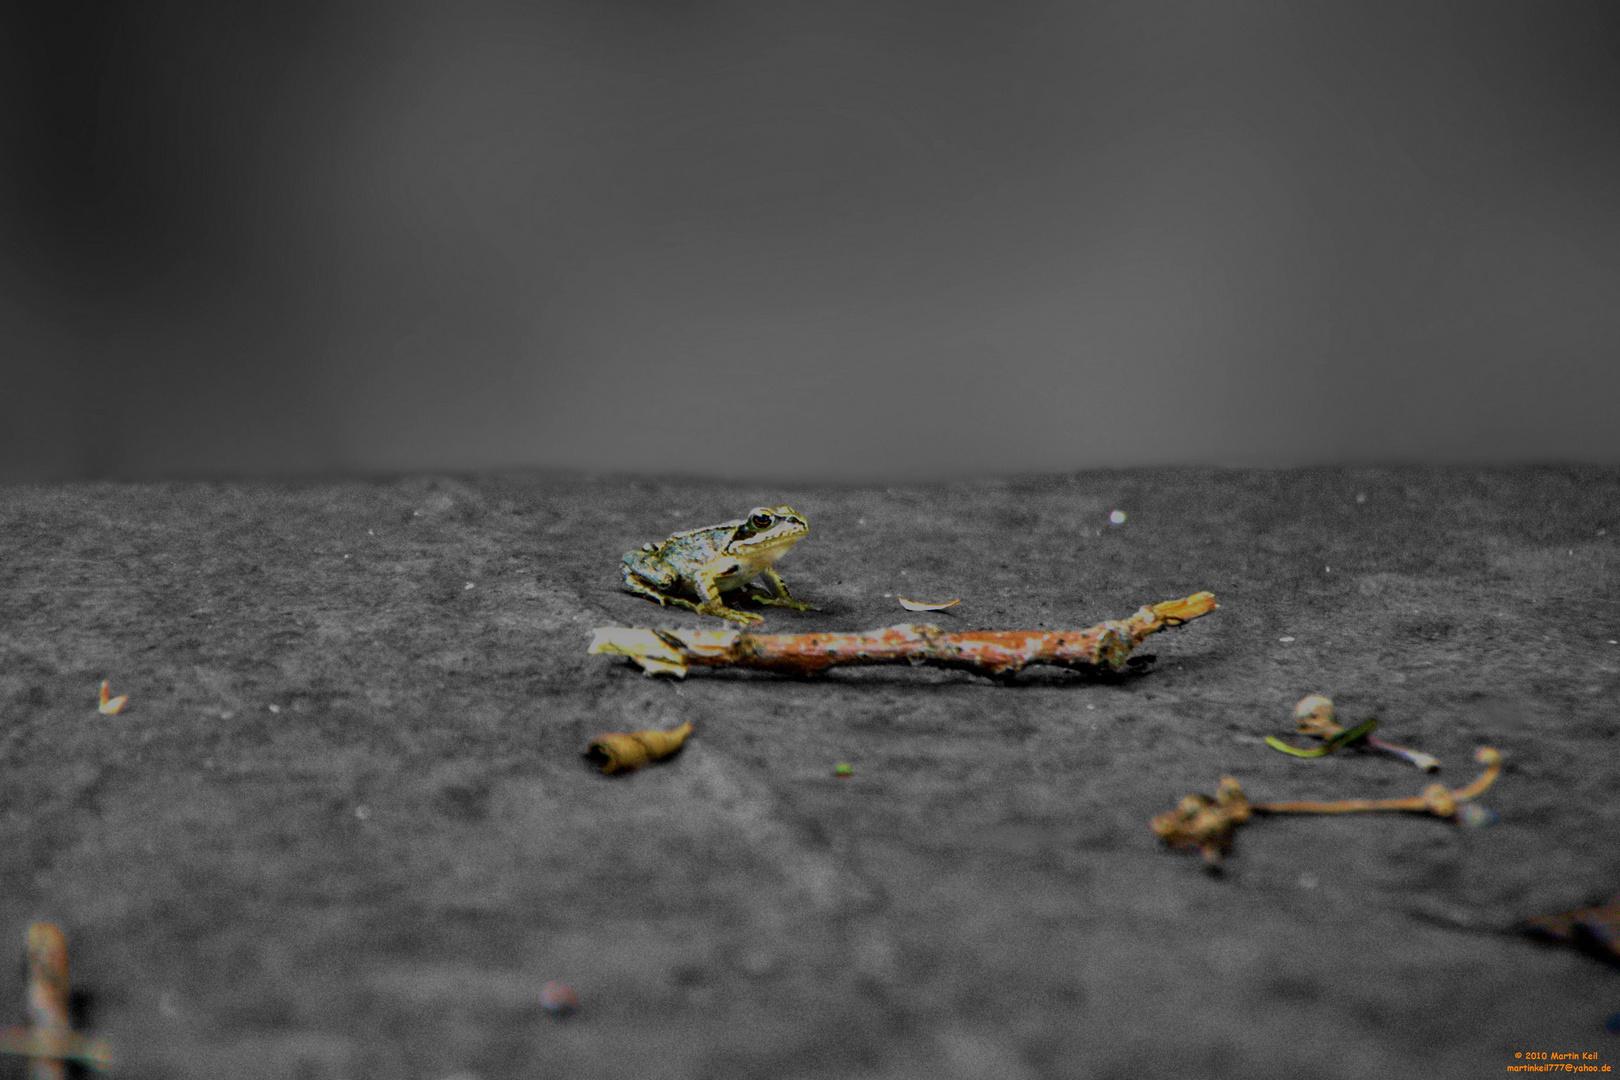 Frosch auf einem Verrostetem Boot